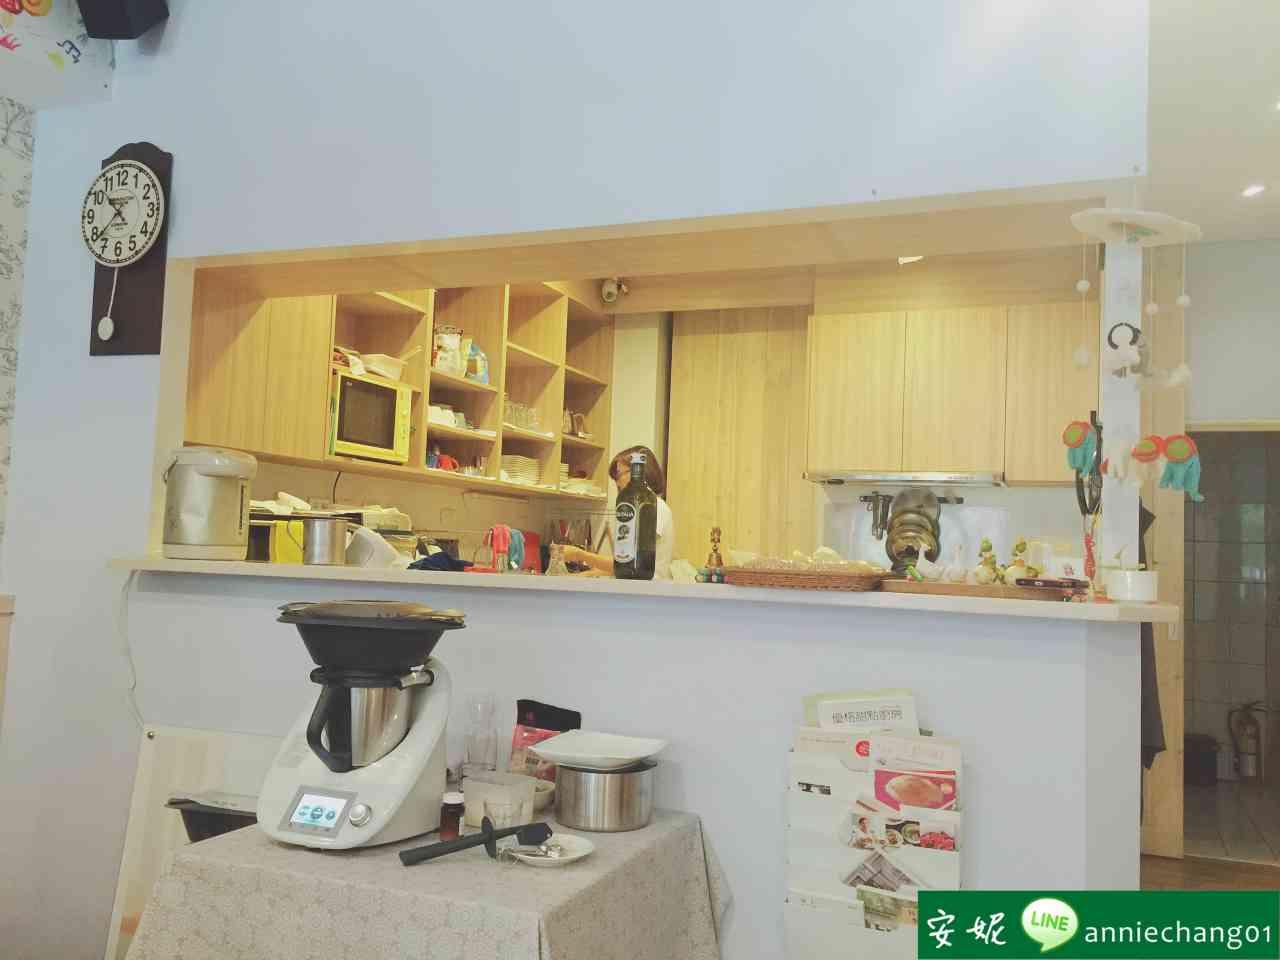 【生活】 美善品廚藝教室